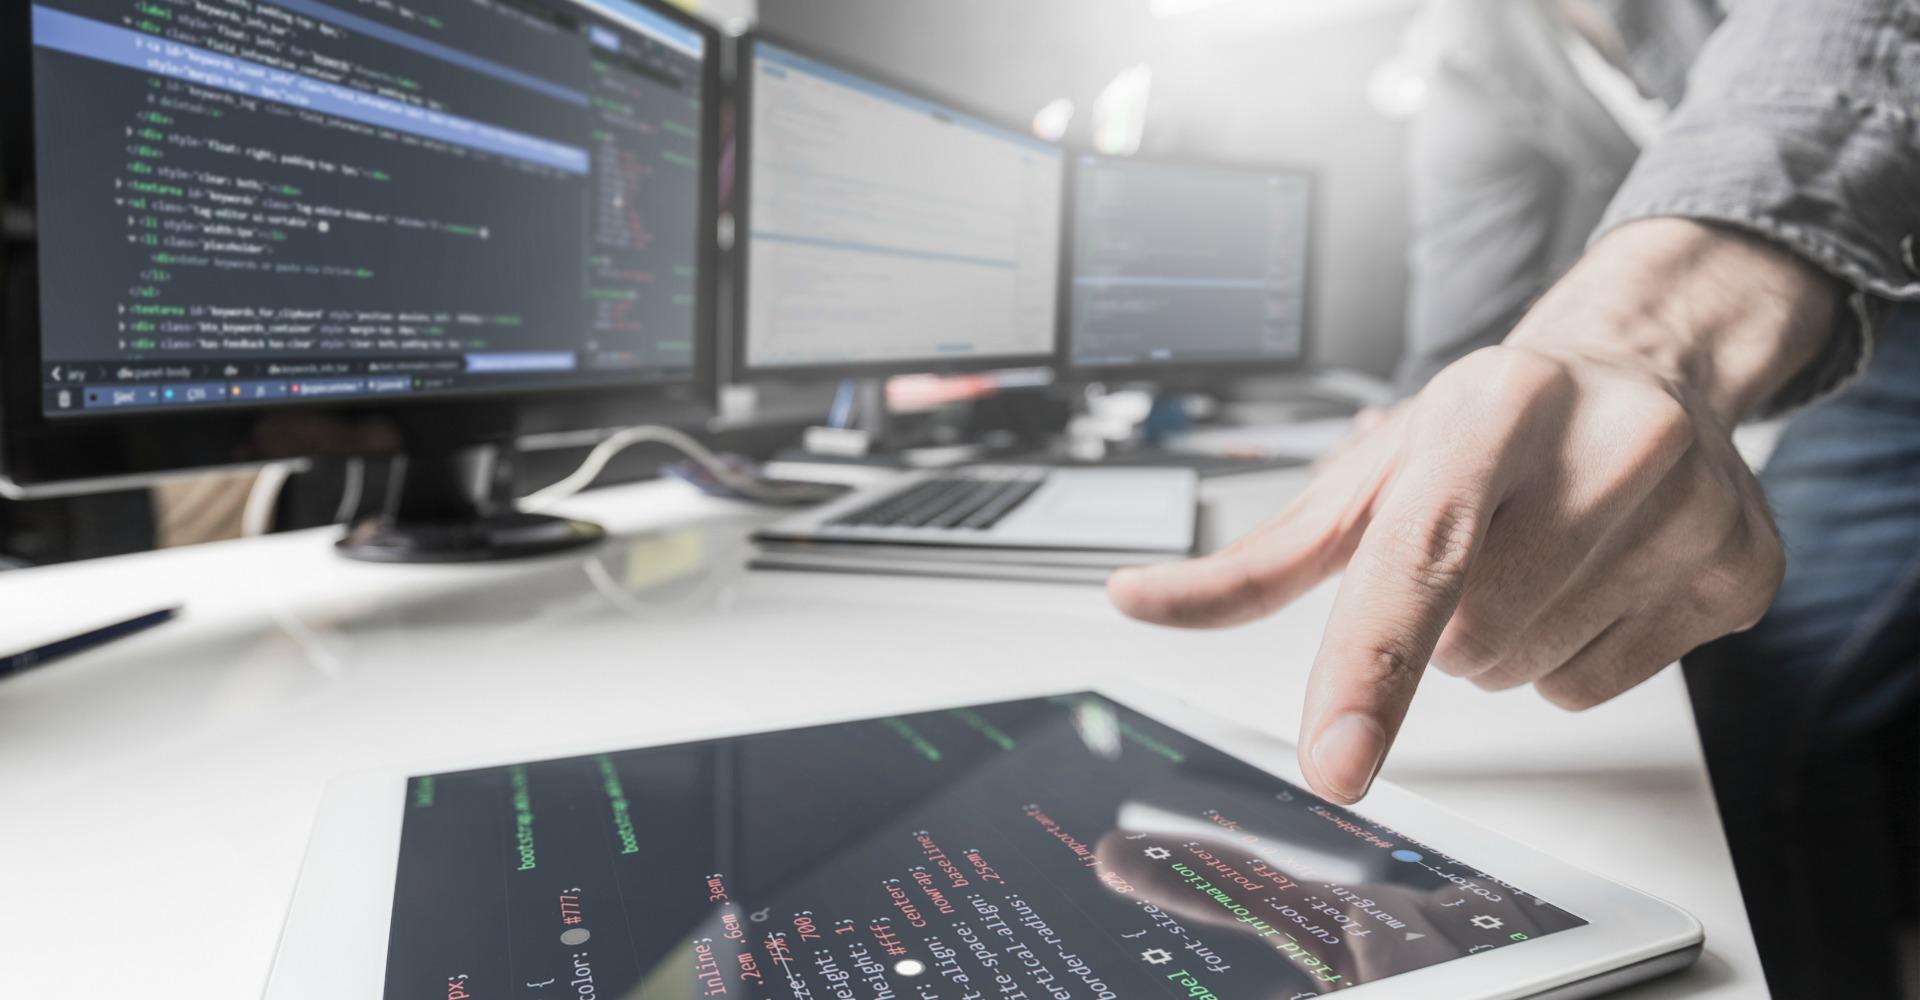 Top 4 Software Development Methodologies